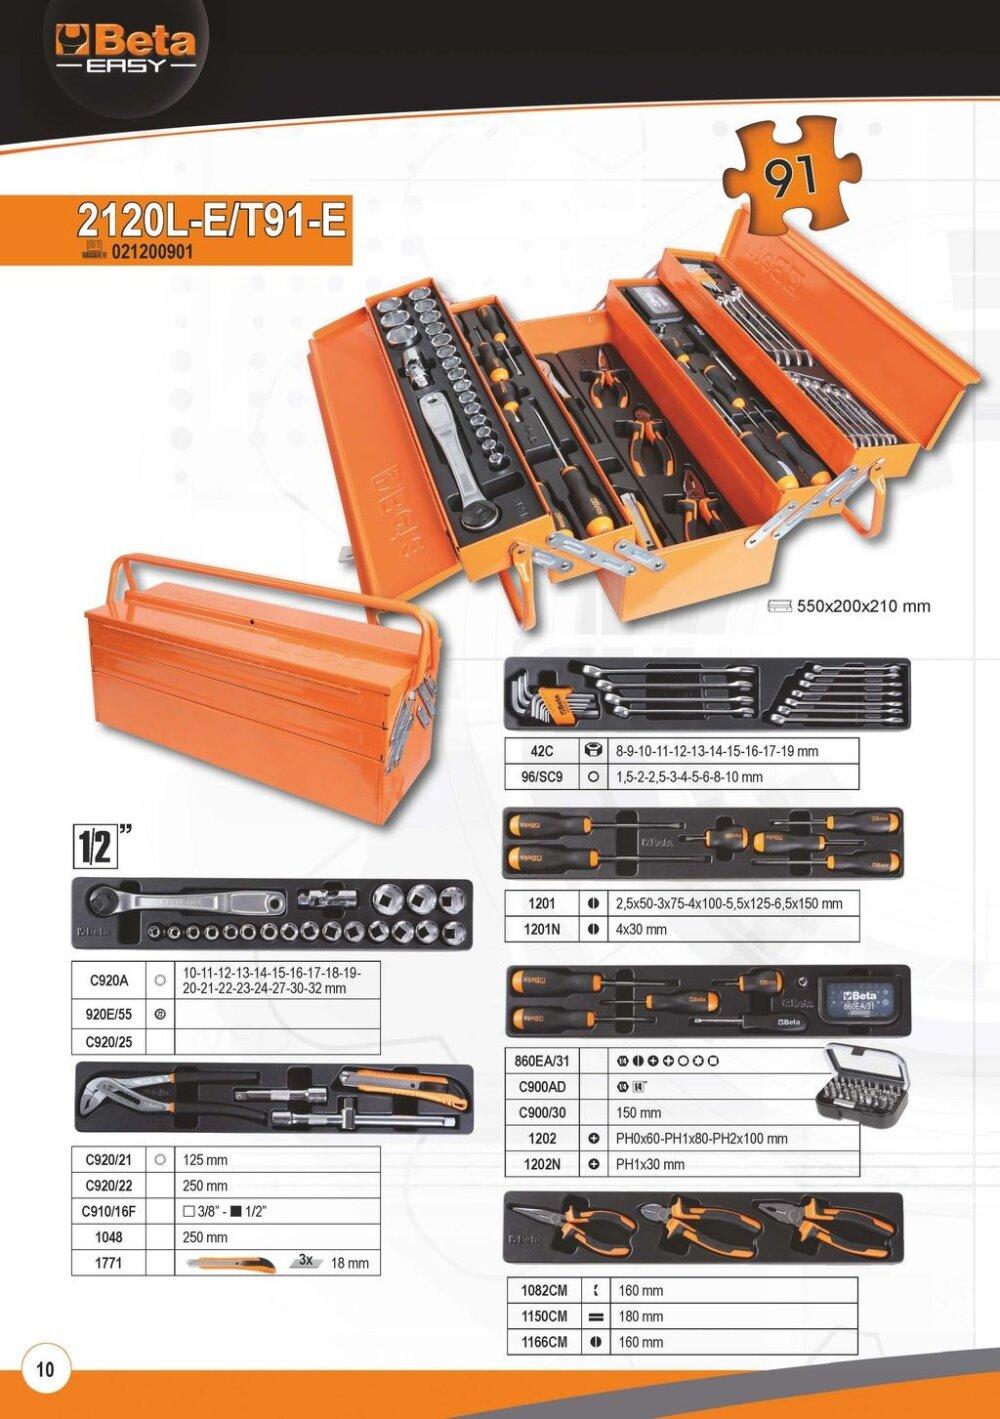 BETA EASY WERKZEUGKASTEN mit 5 Fächer und 91-TLG Werkzeugsortiment